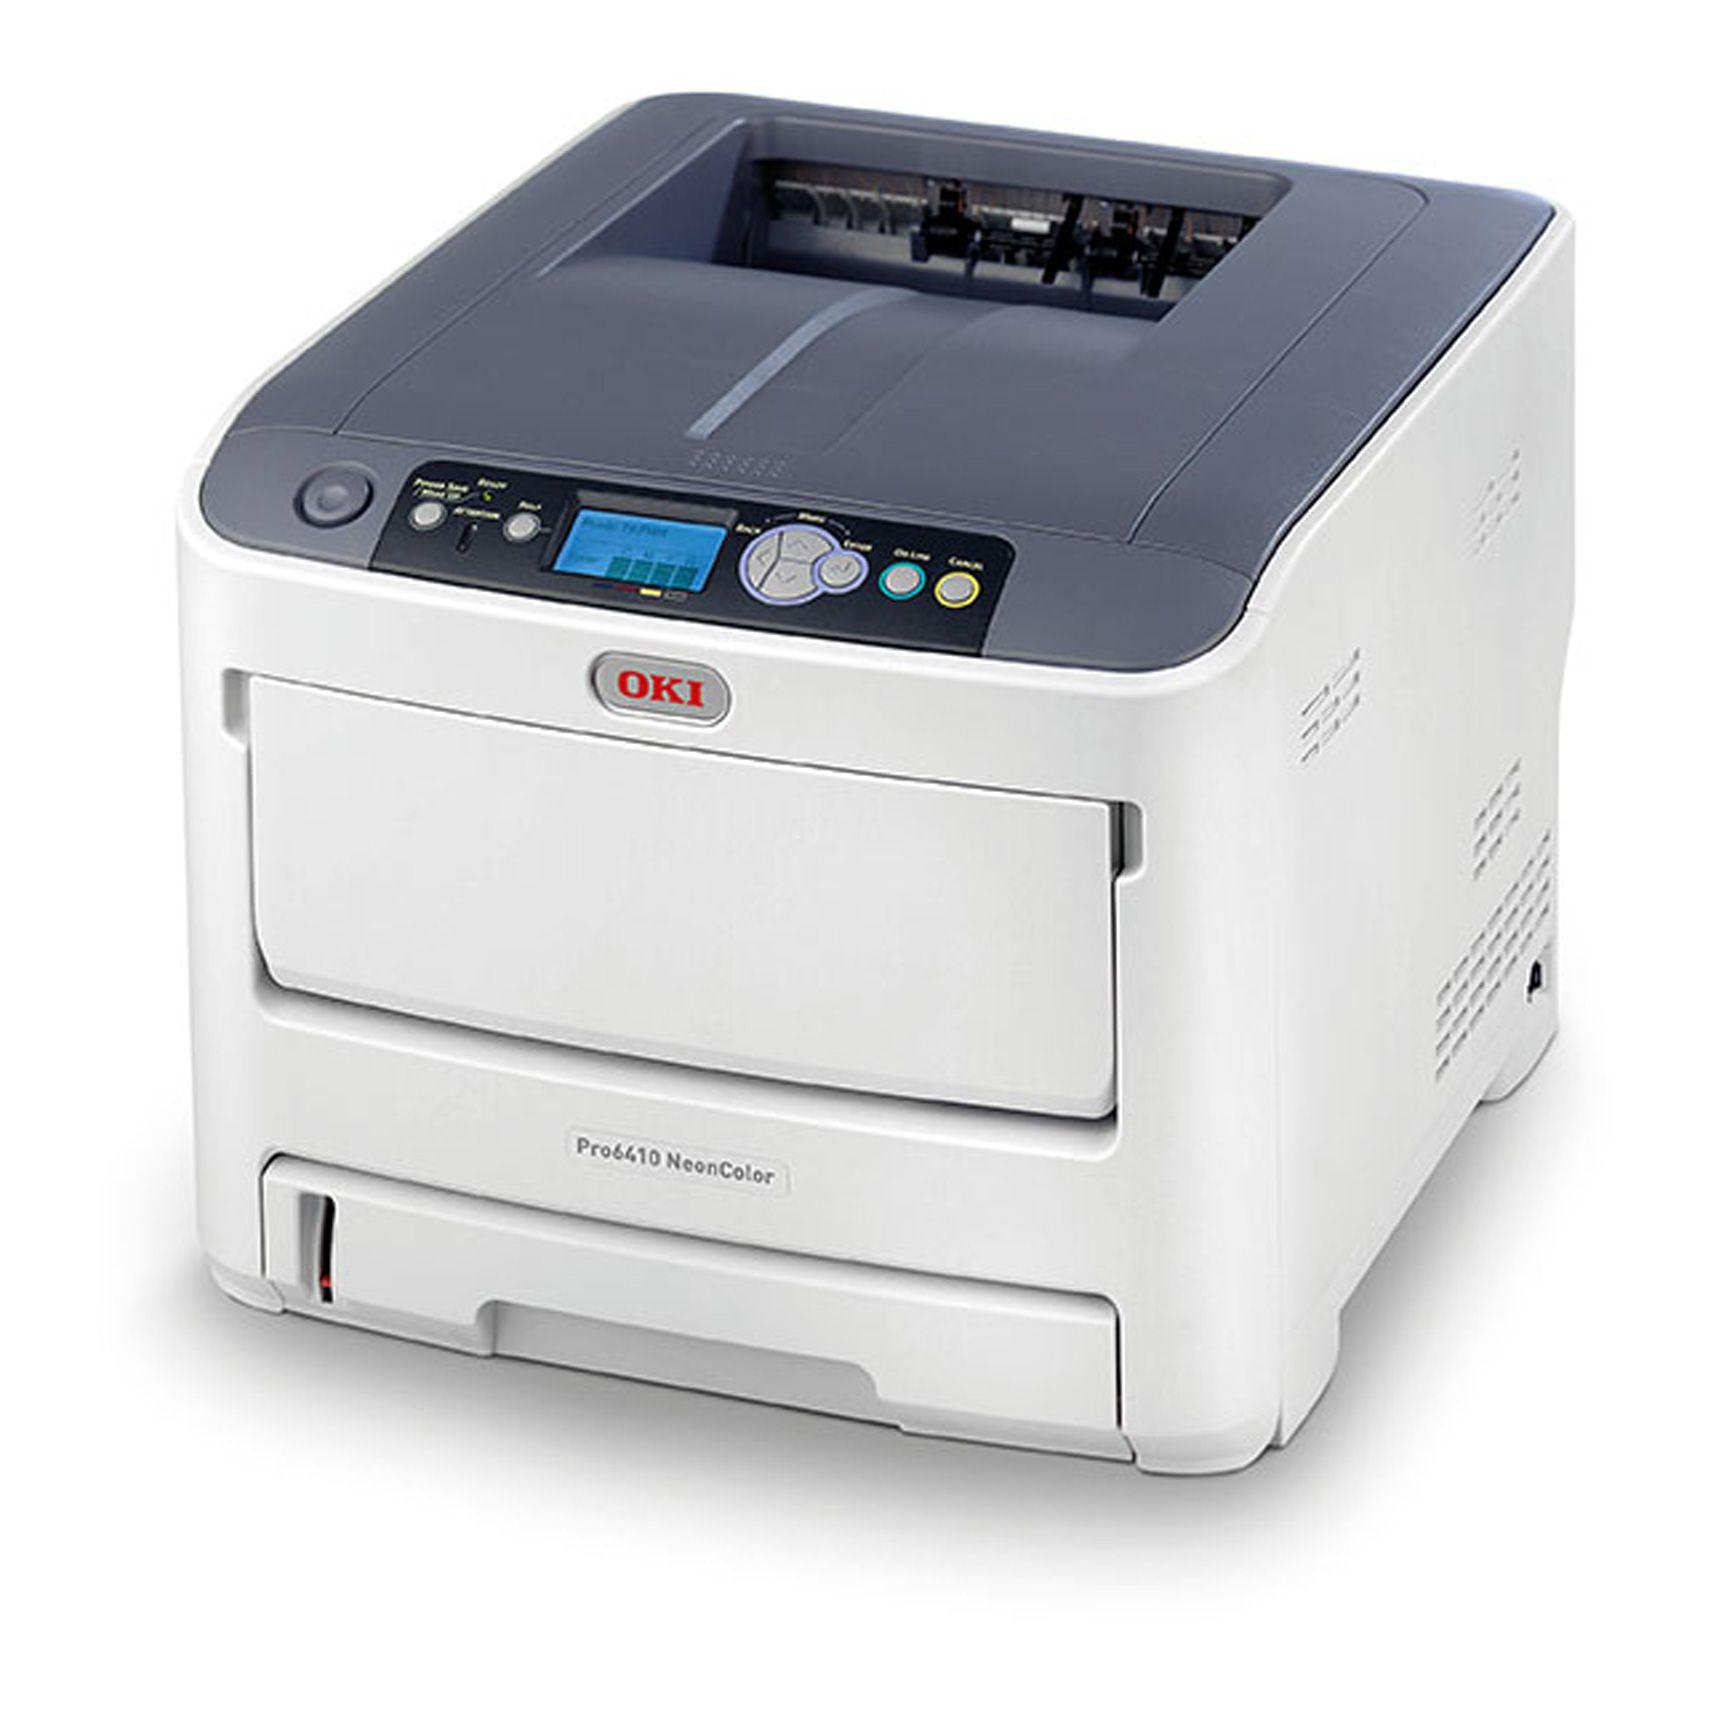 Impressora Okidata Pro6410 Neoncolor Led